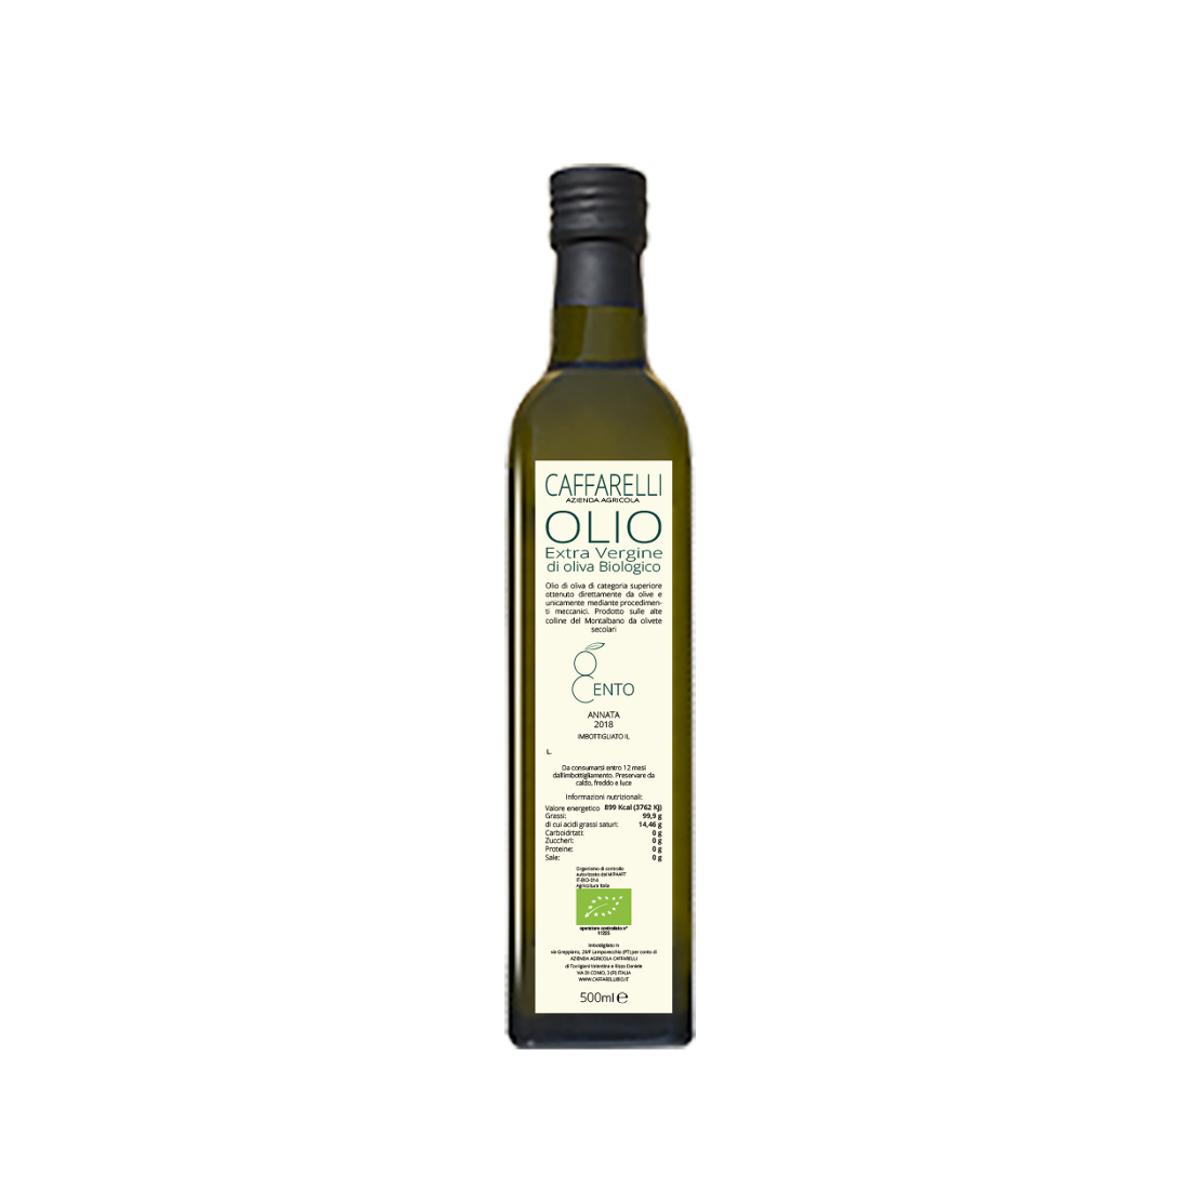 Olio Extra Vergine di oliva Caffarelli